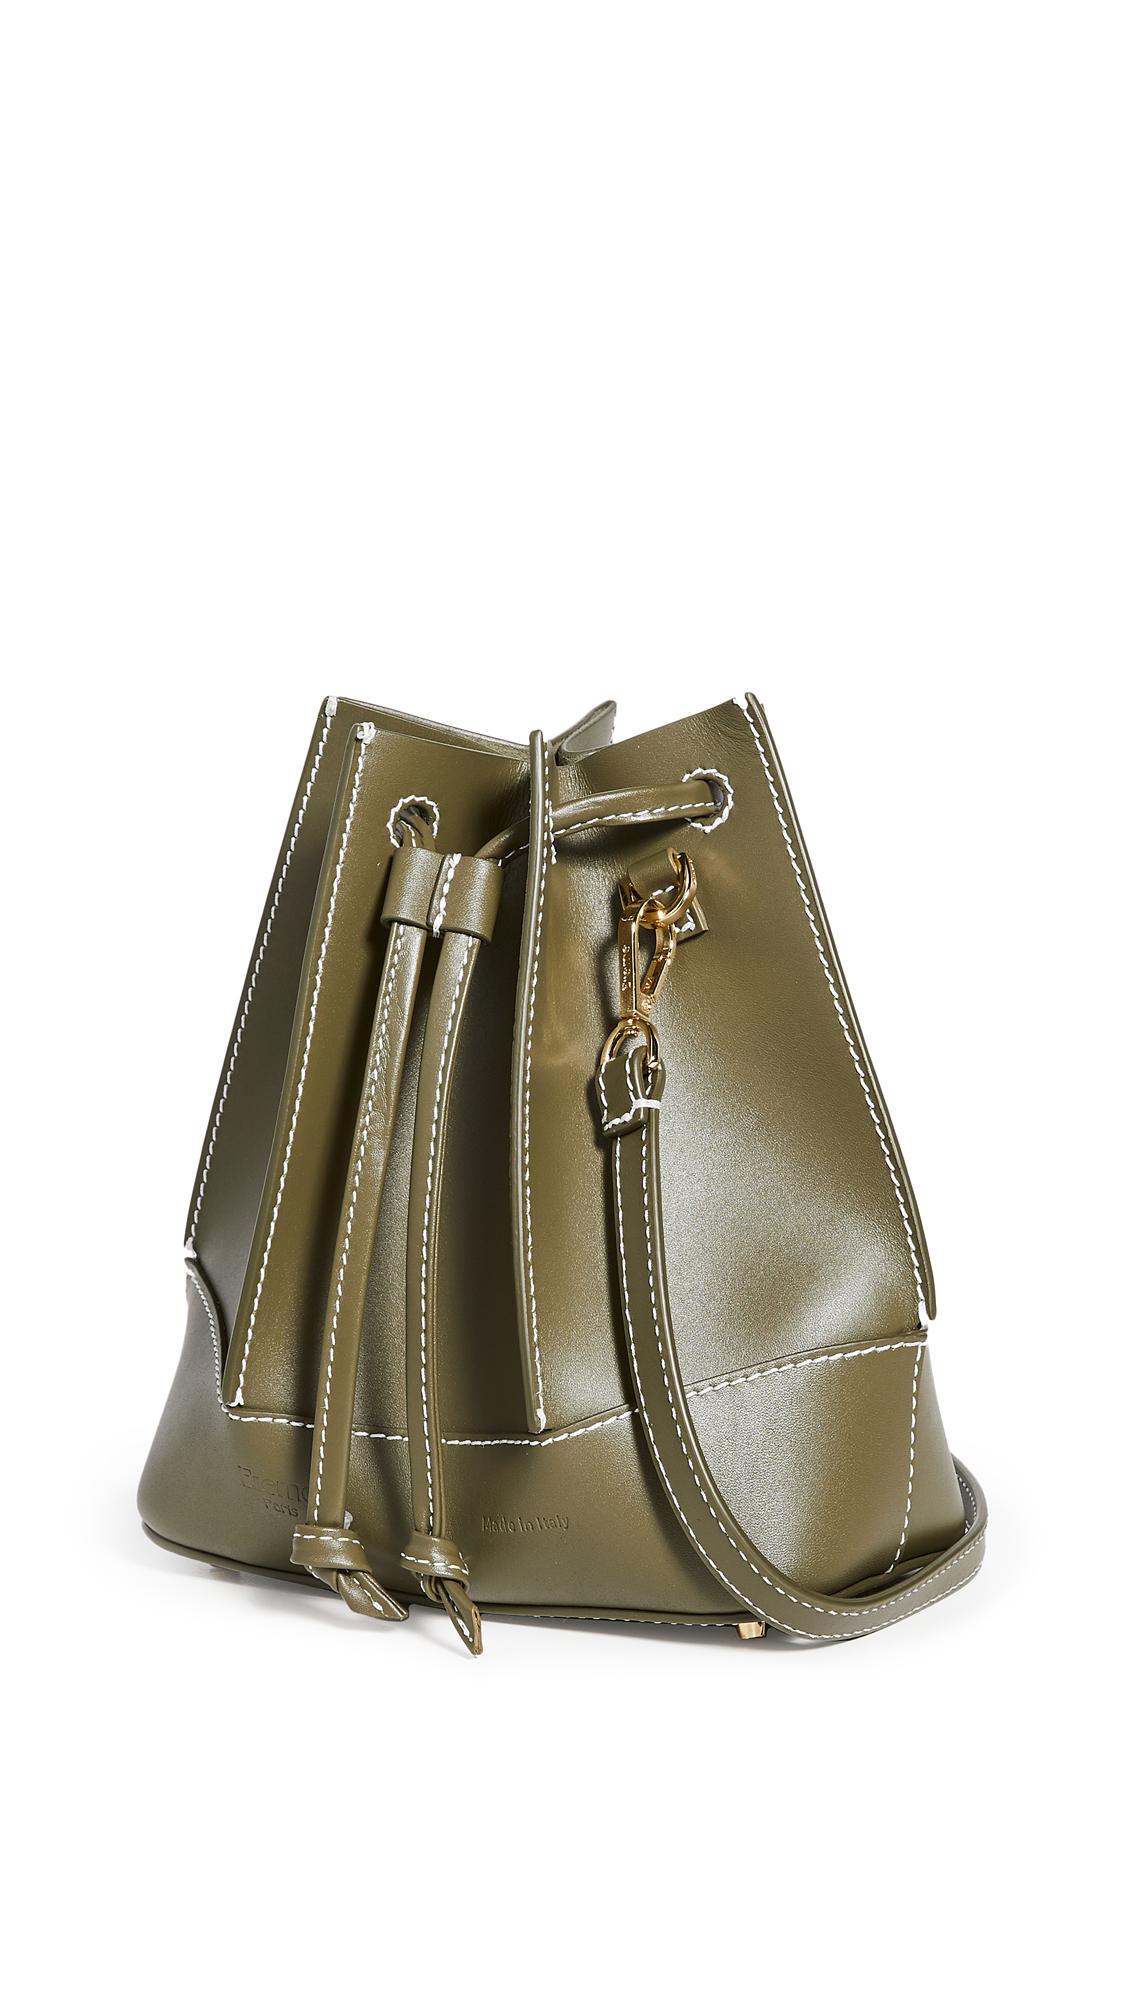 Elleme Canelé Bag In Olive